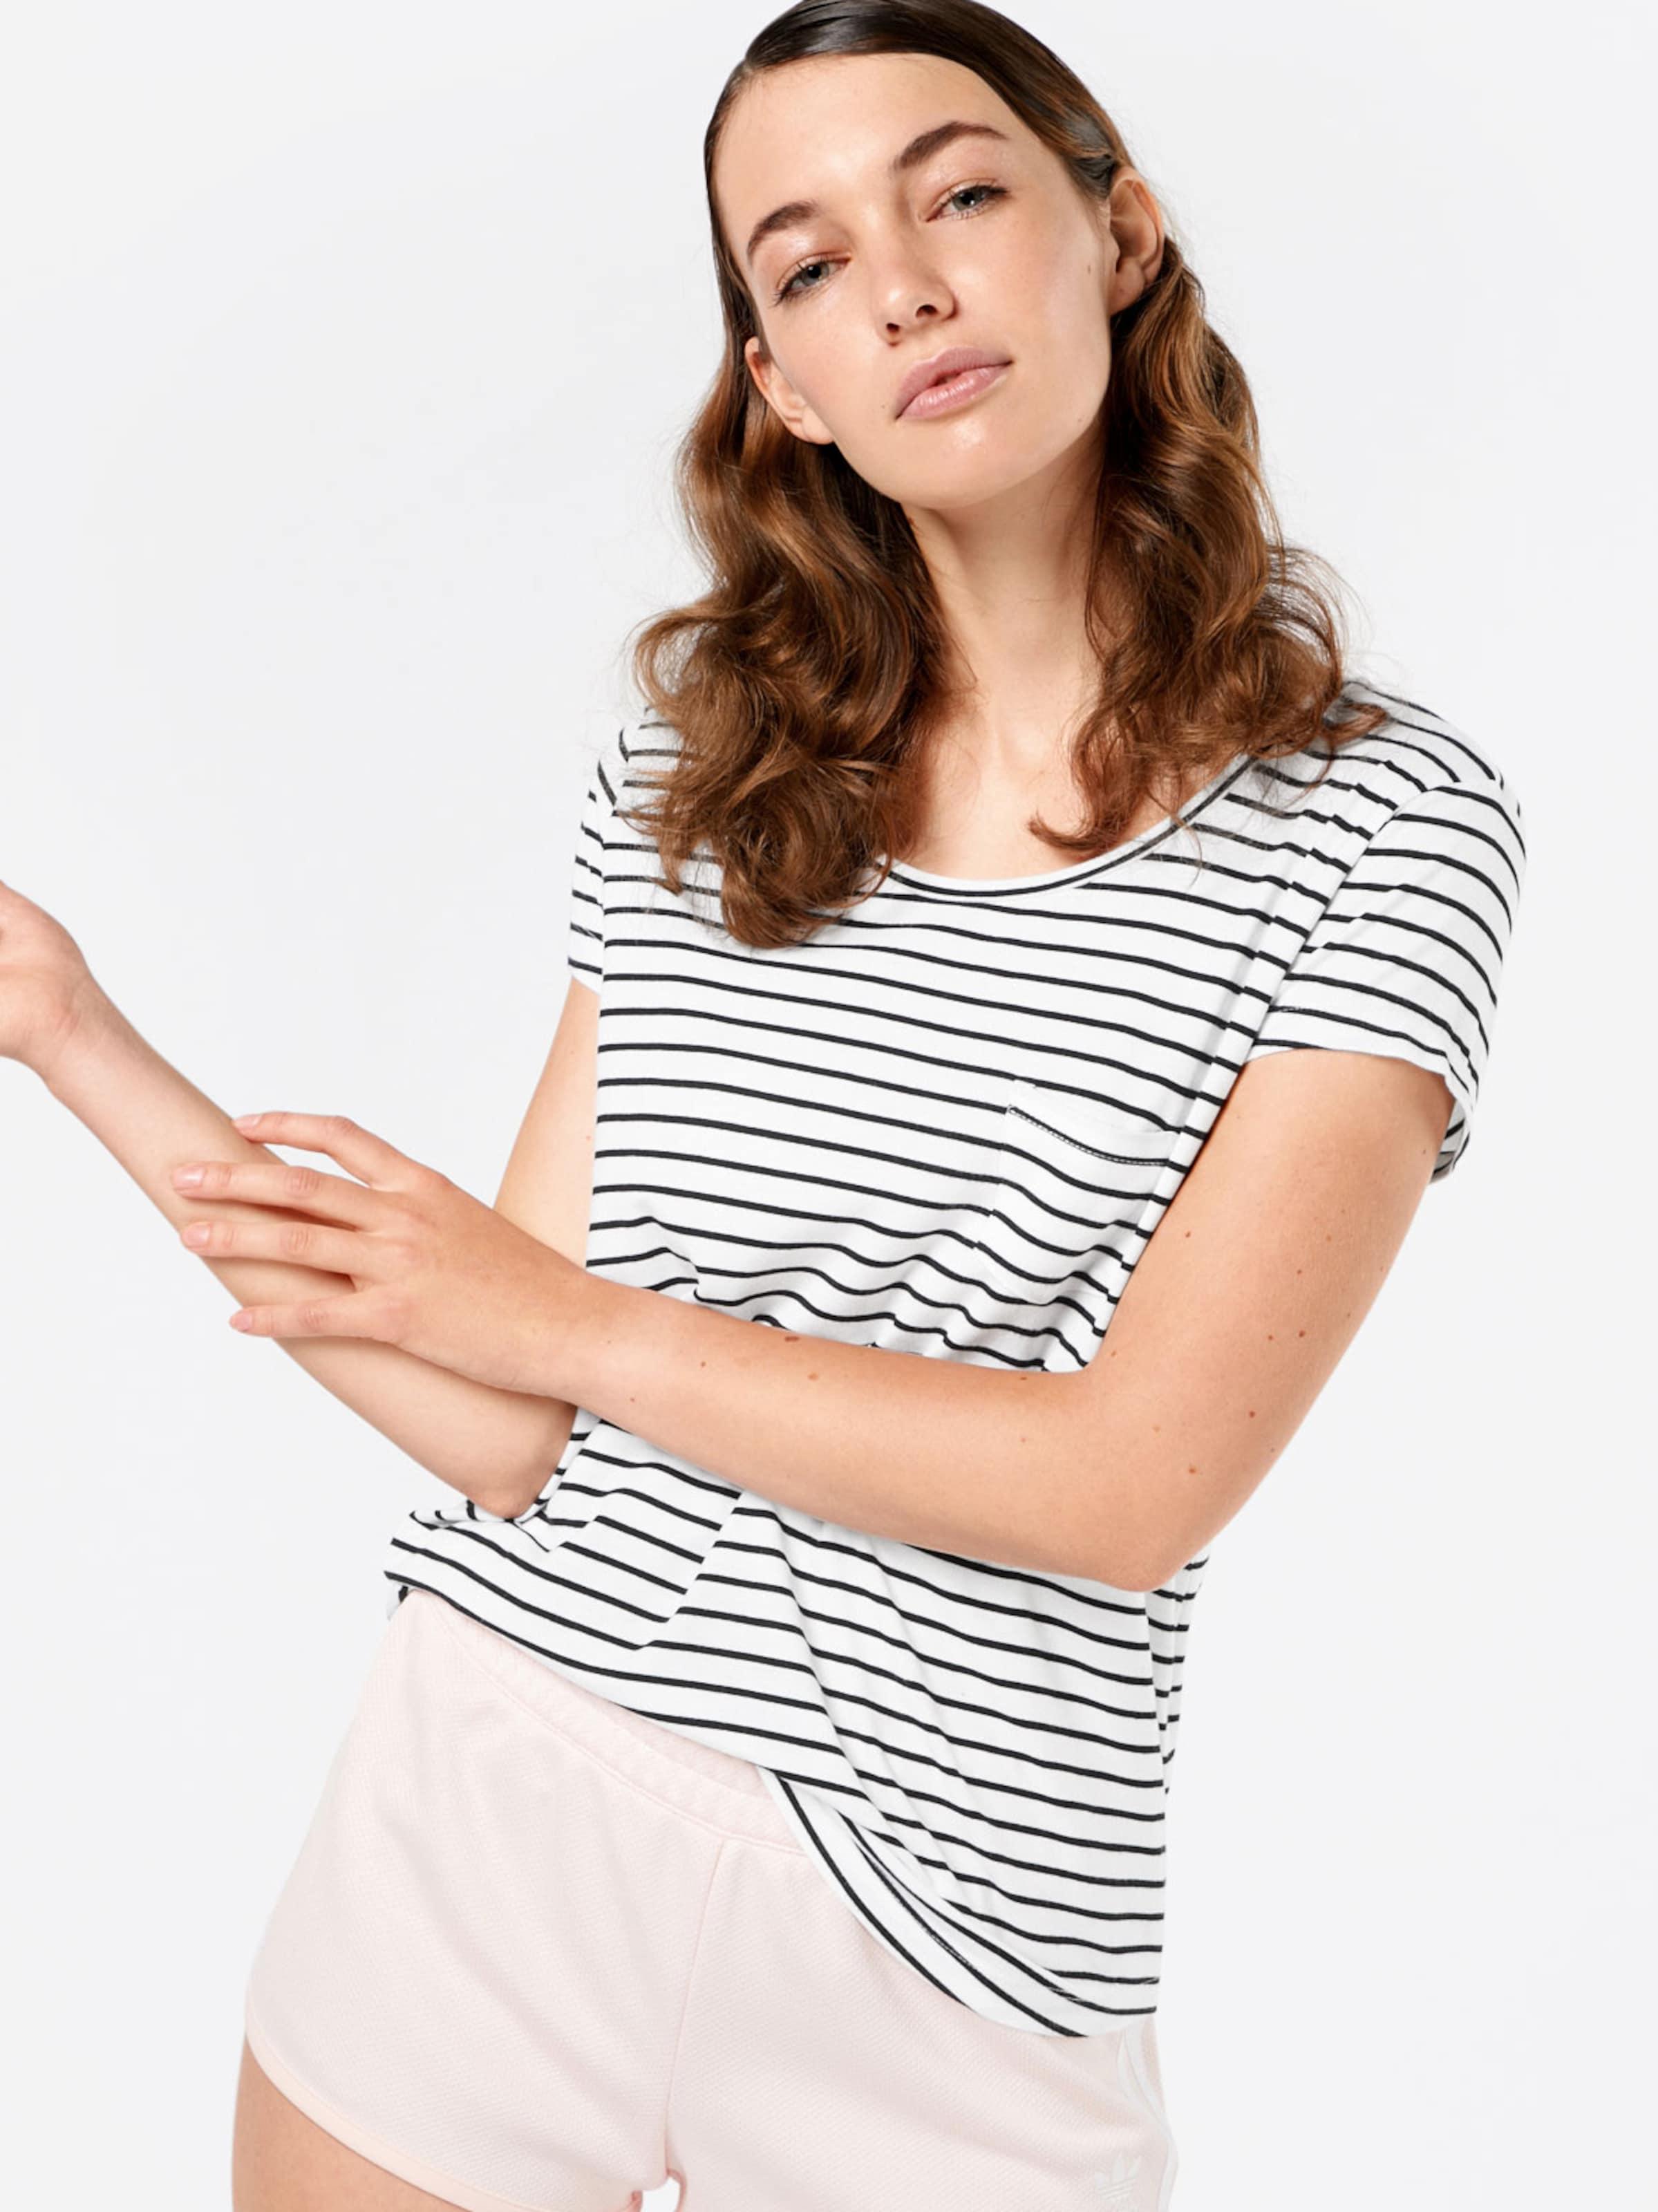 Limited Edition Günstiger Preis Rabatt Besuch ABOUT YOU Basics Shirt 'Darina' Freies Verschiffen Neue Billige Neue Stile fhLem